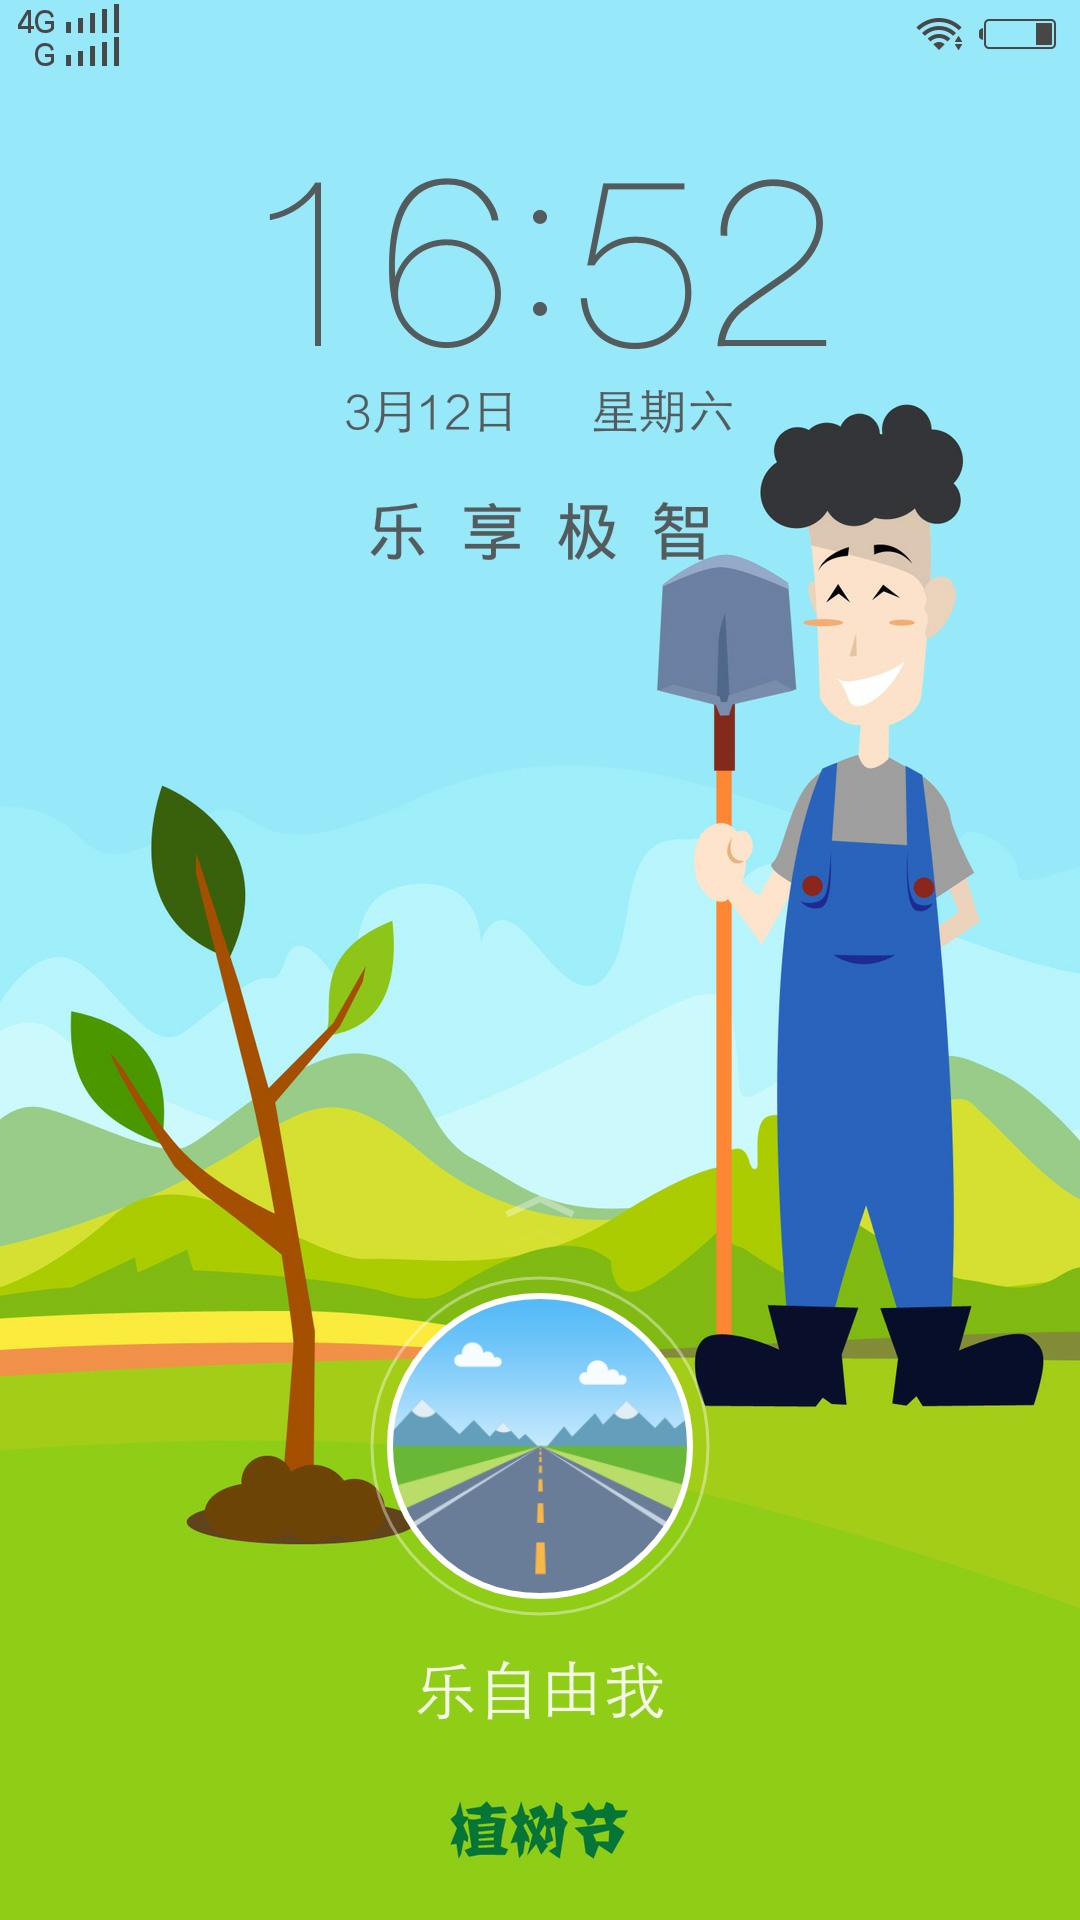 植树节锁屏-v粉家园-vivo智能手机v粉社区